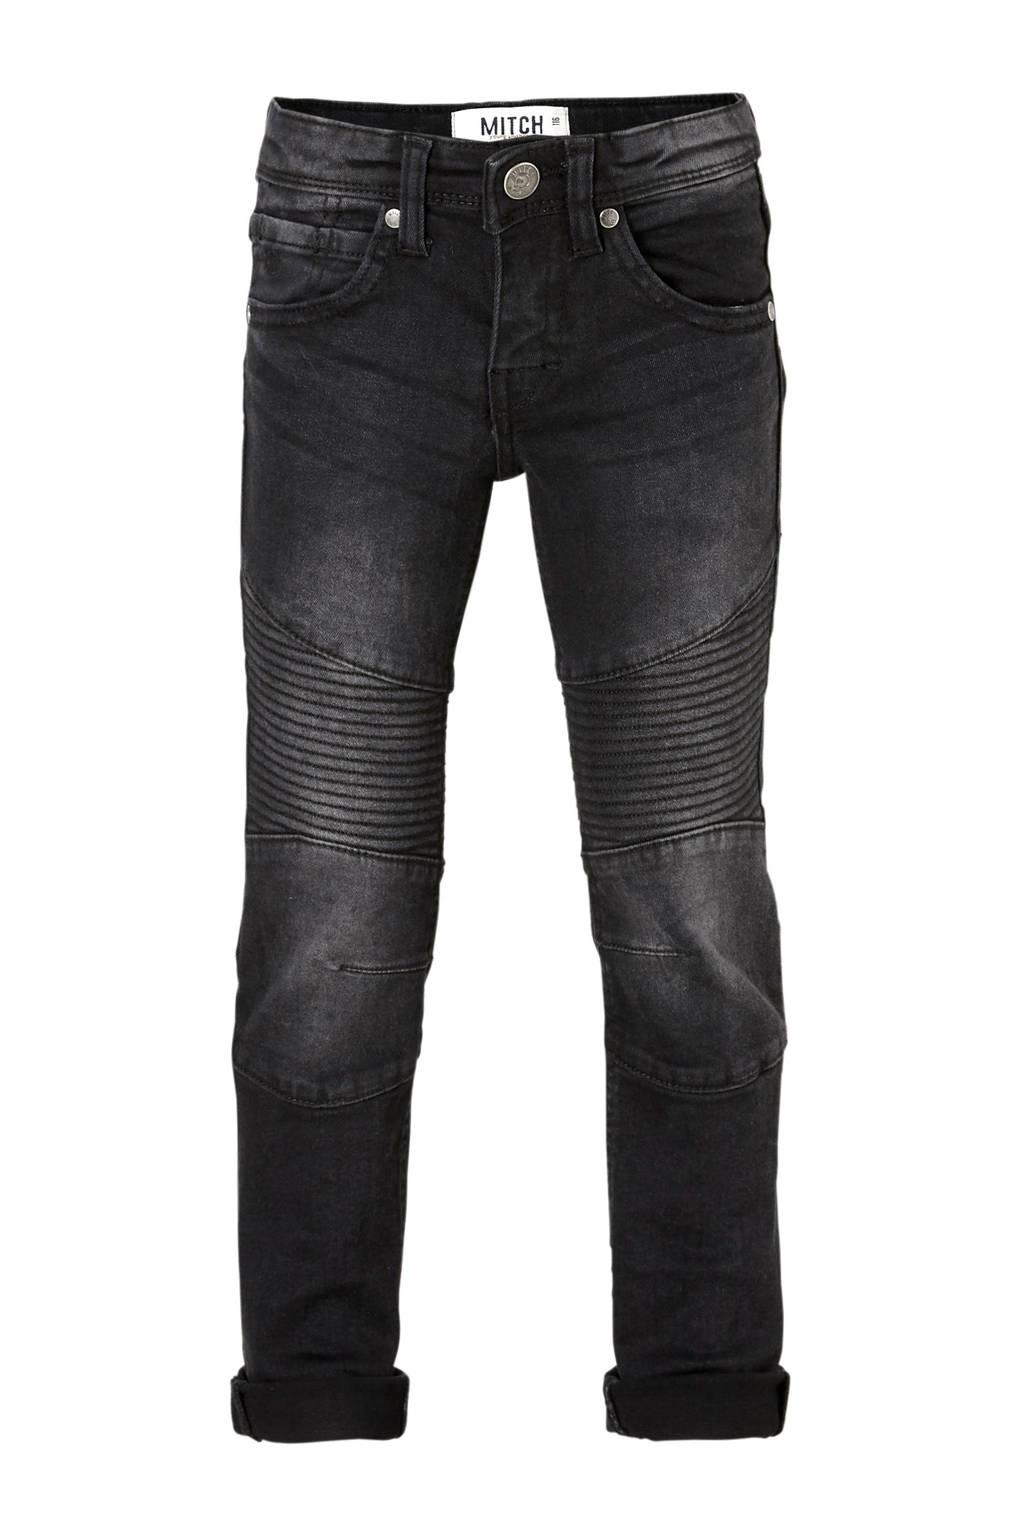 Mitch slim fit jeans Biker zwart, Zwart